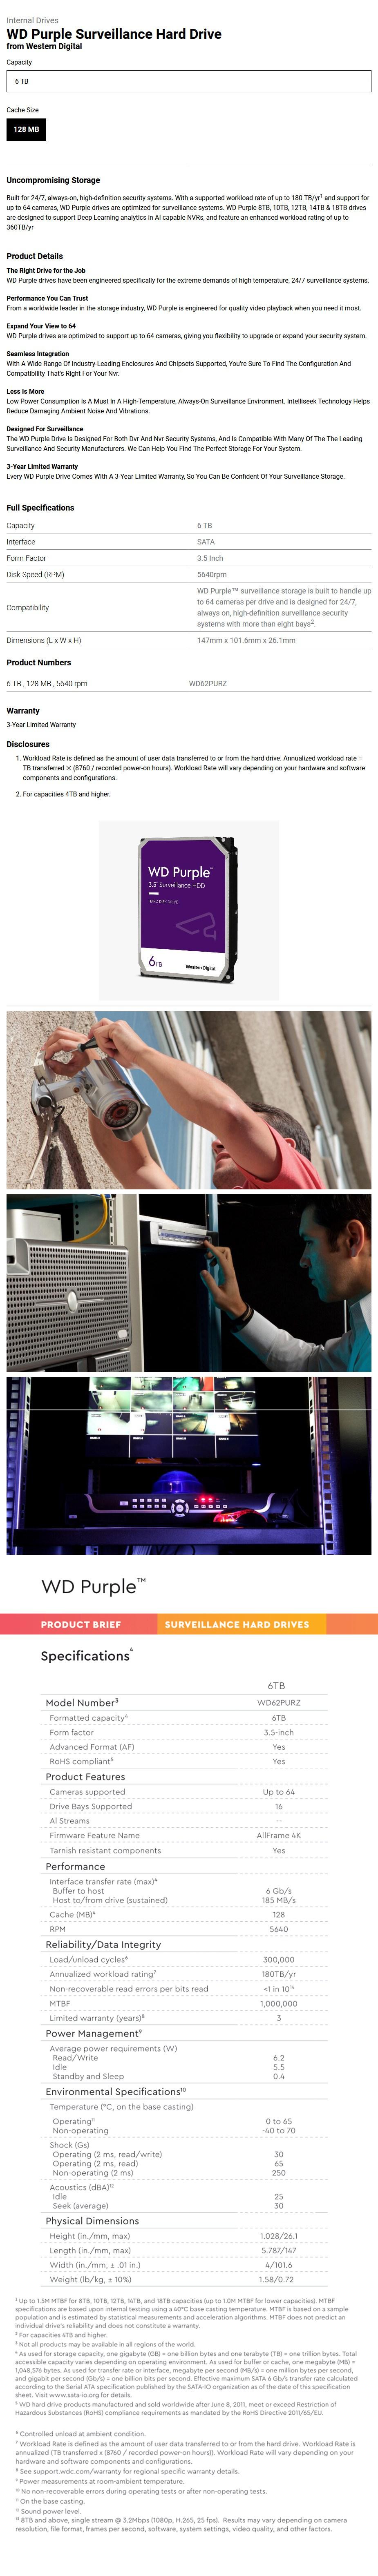 wd-wd62purz-6tb-purple-35-sata3-surveillance-hard-drive-ac42212-1.jpg